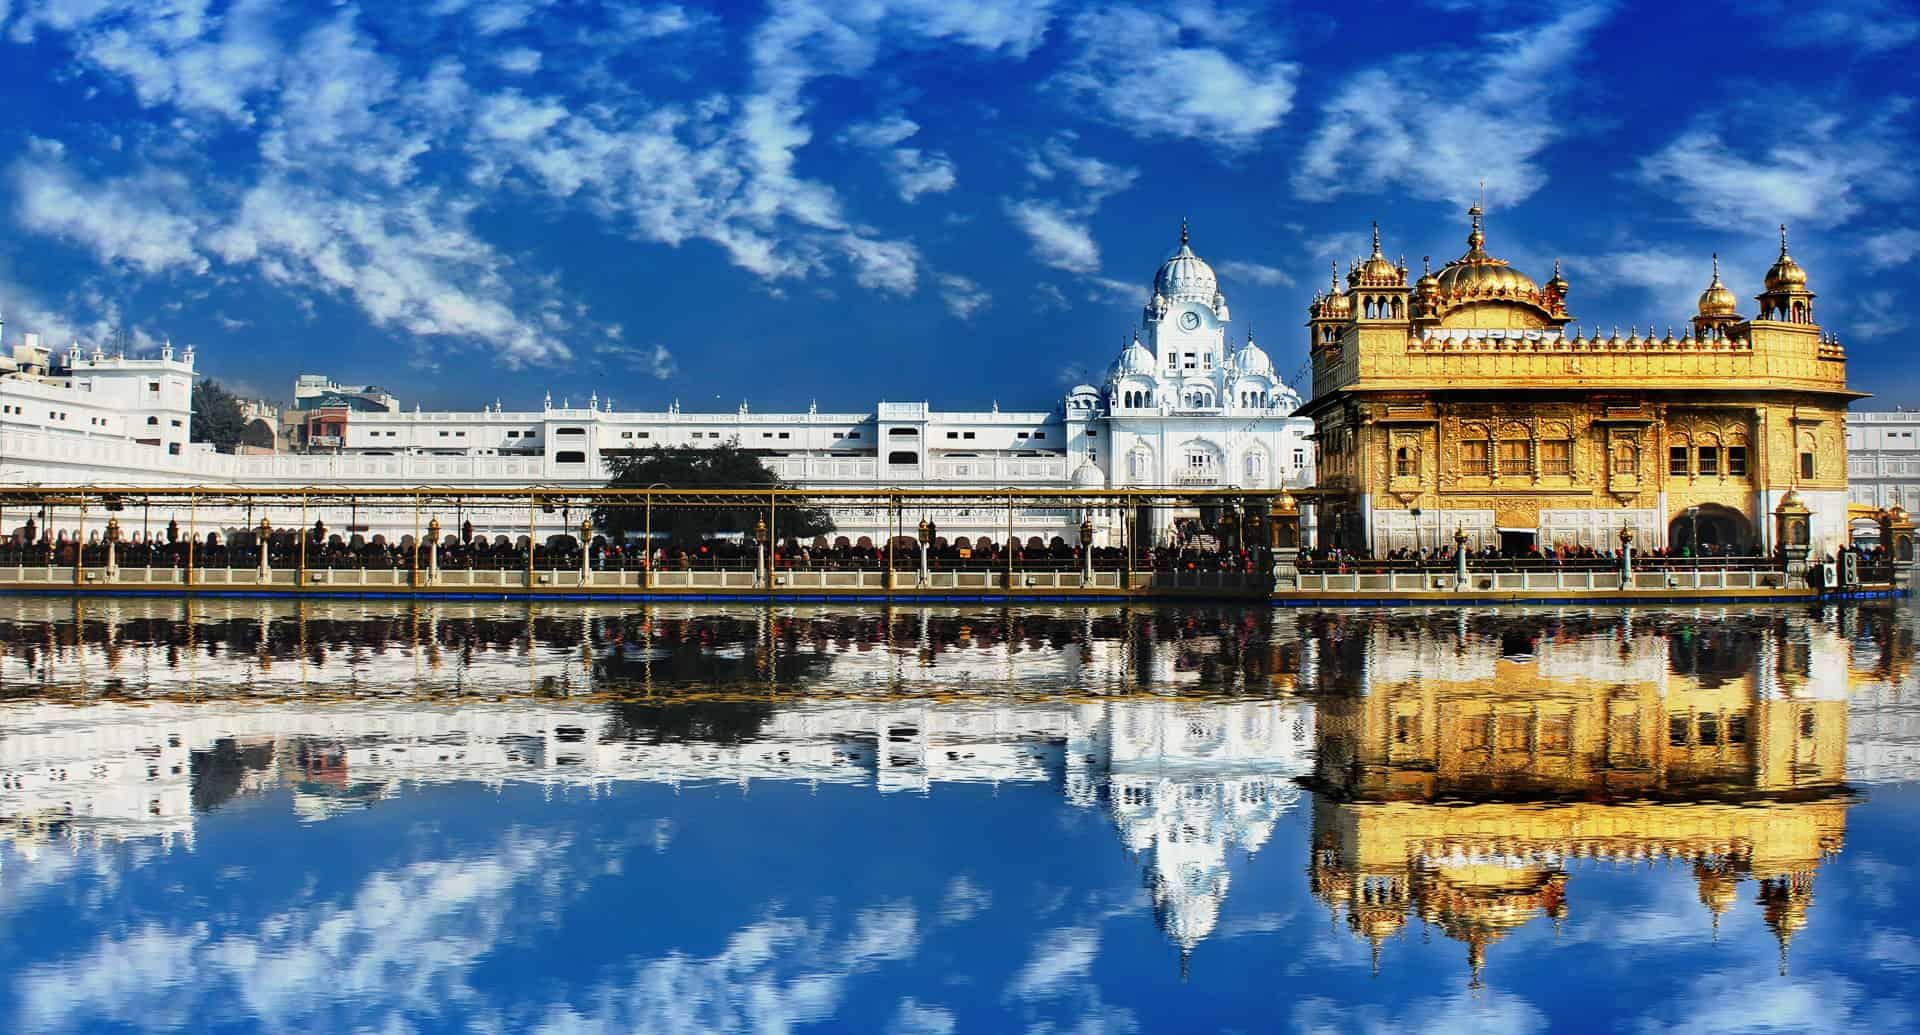 Pilgrimage Sites in India